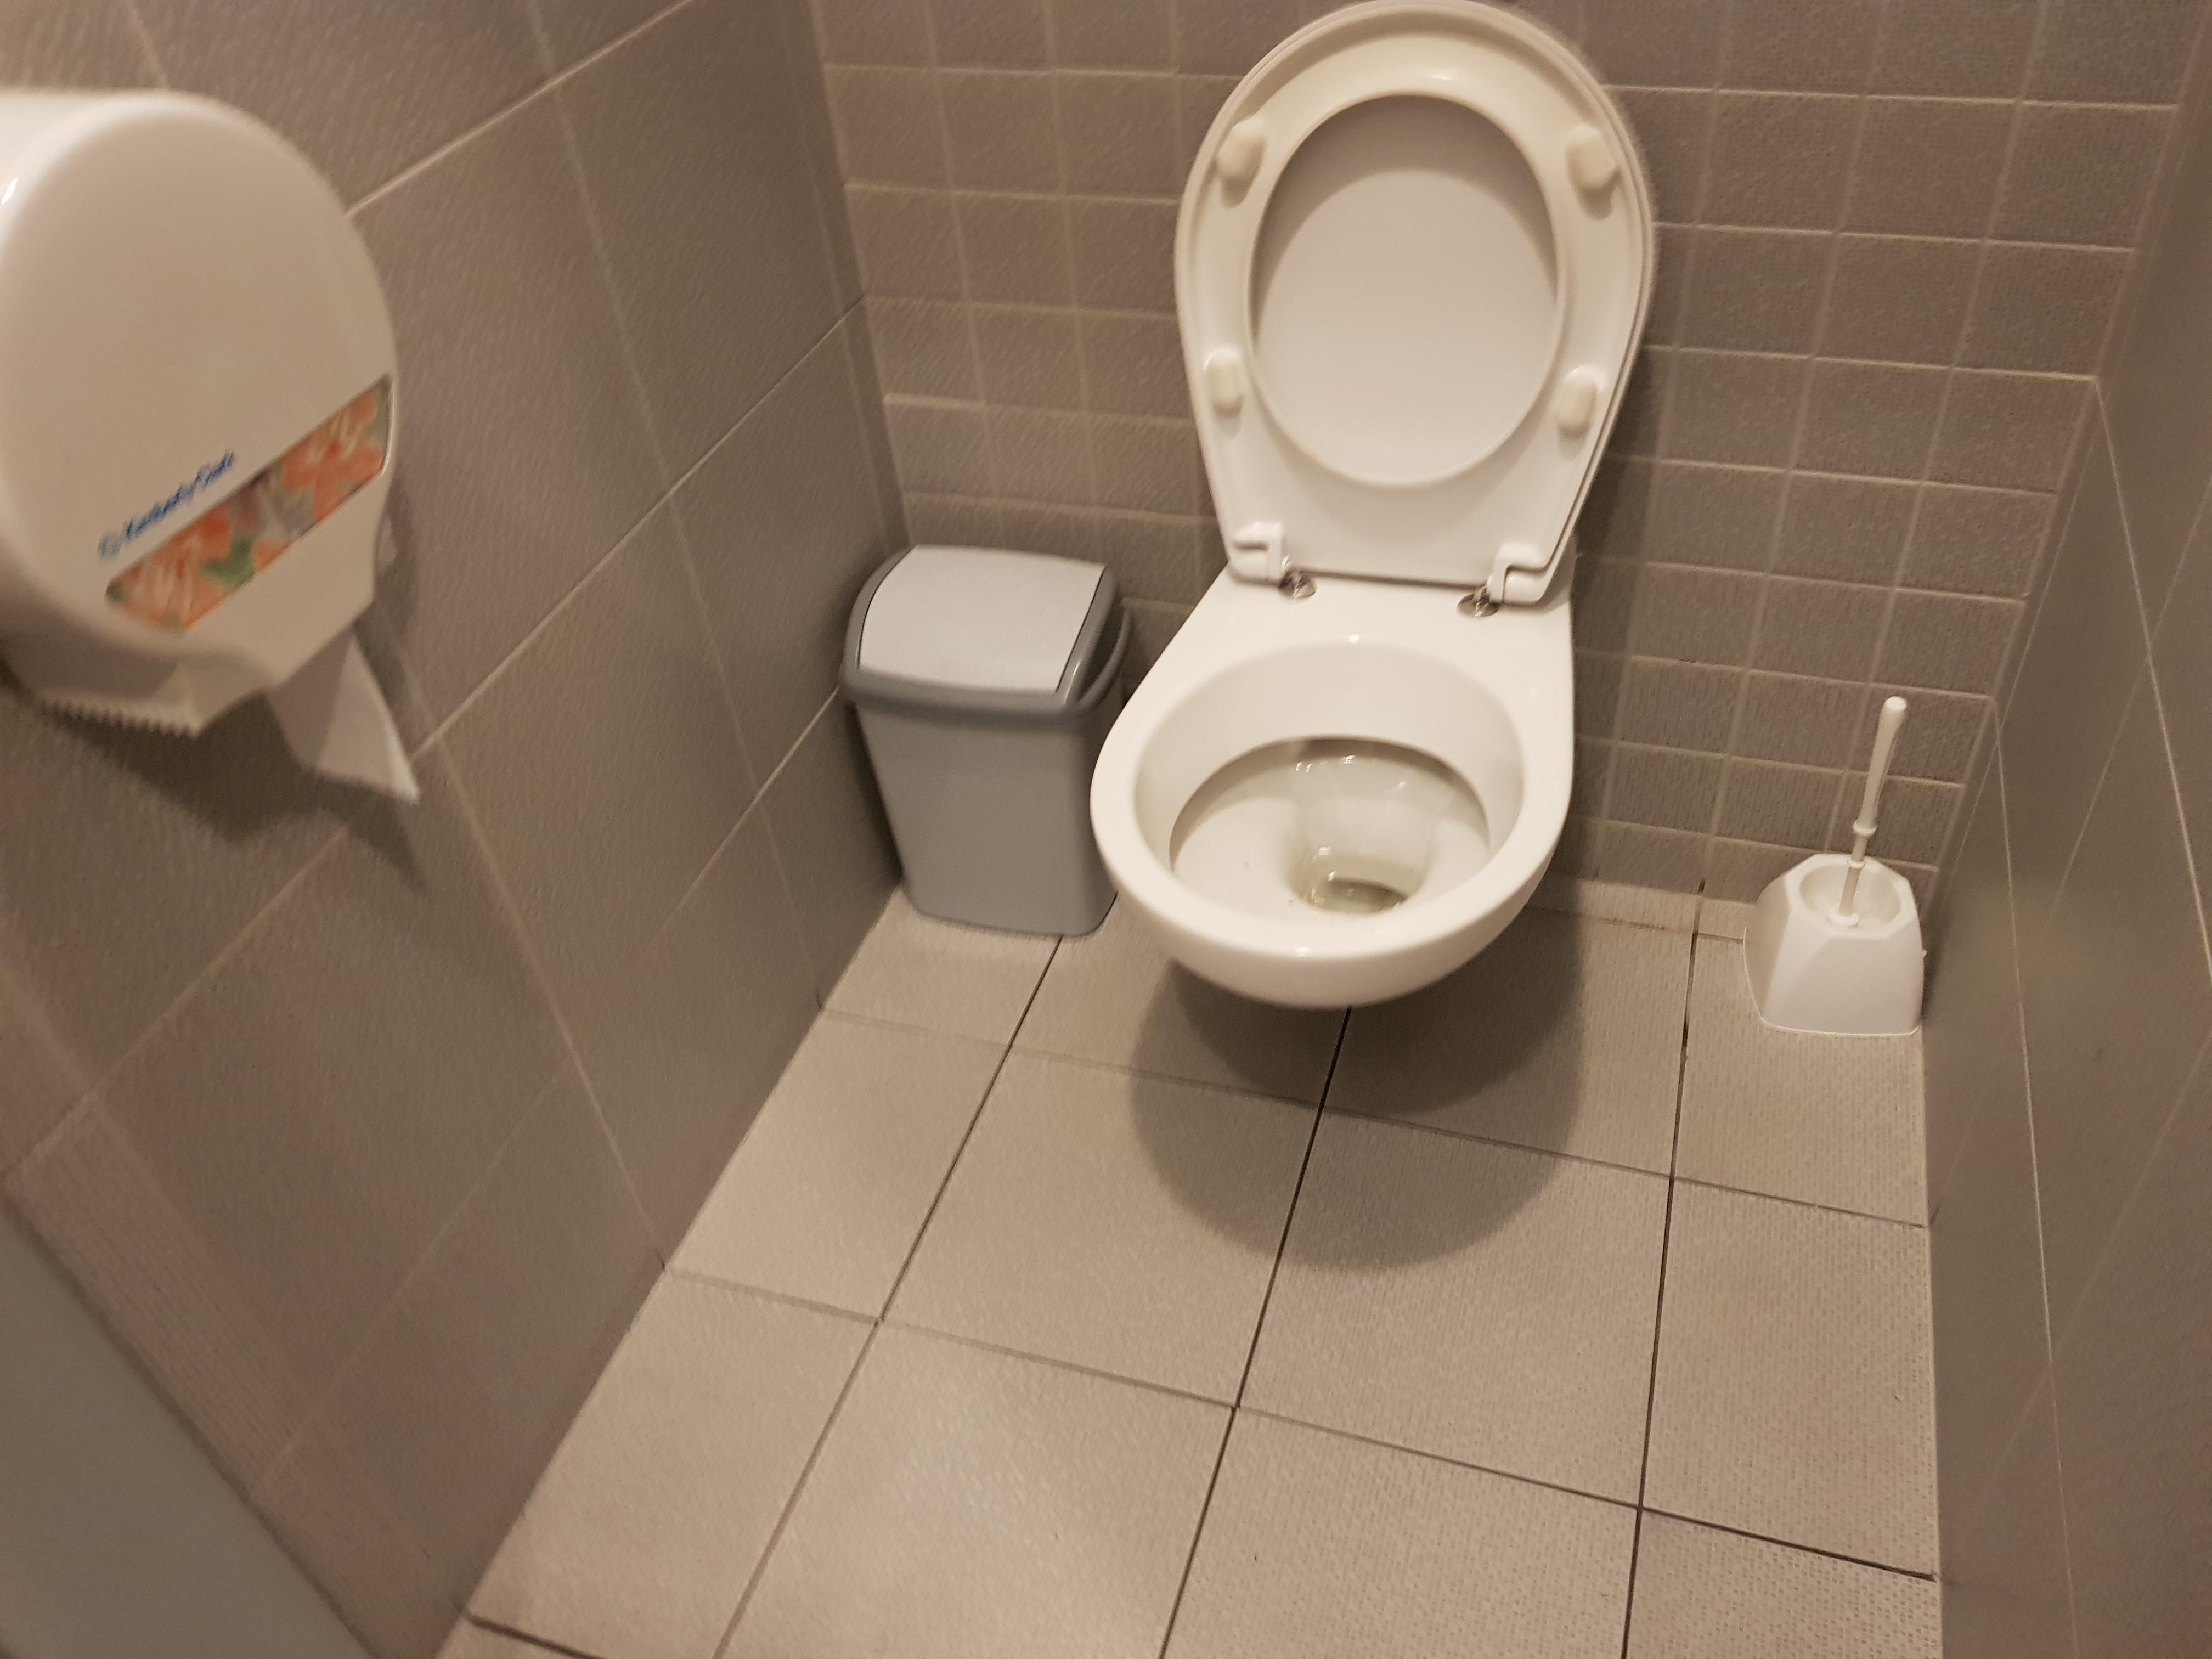 udrożnienie wc, przetykanie sedesu